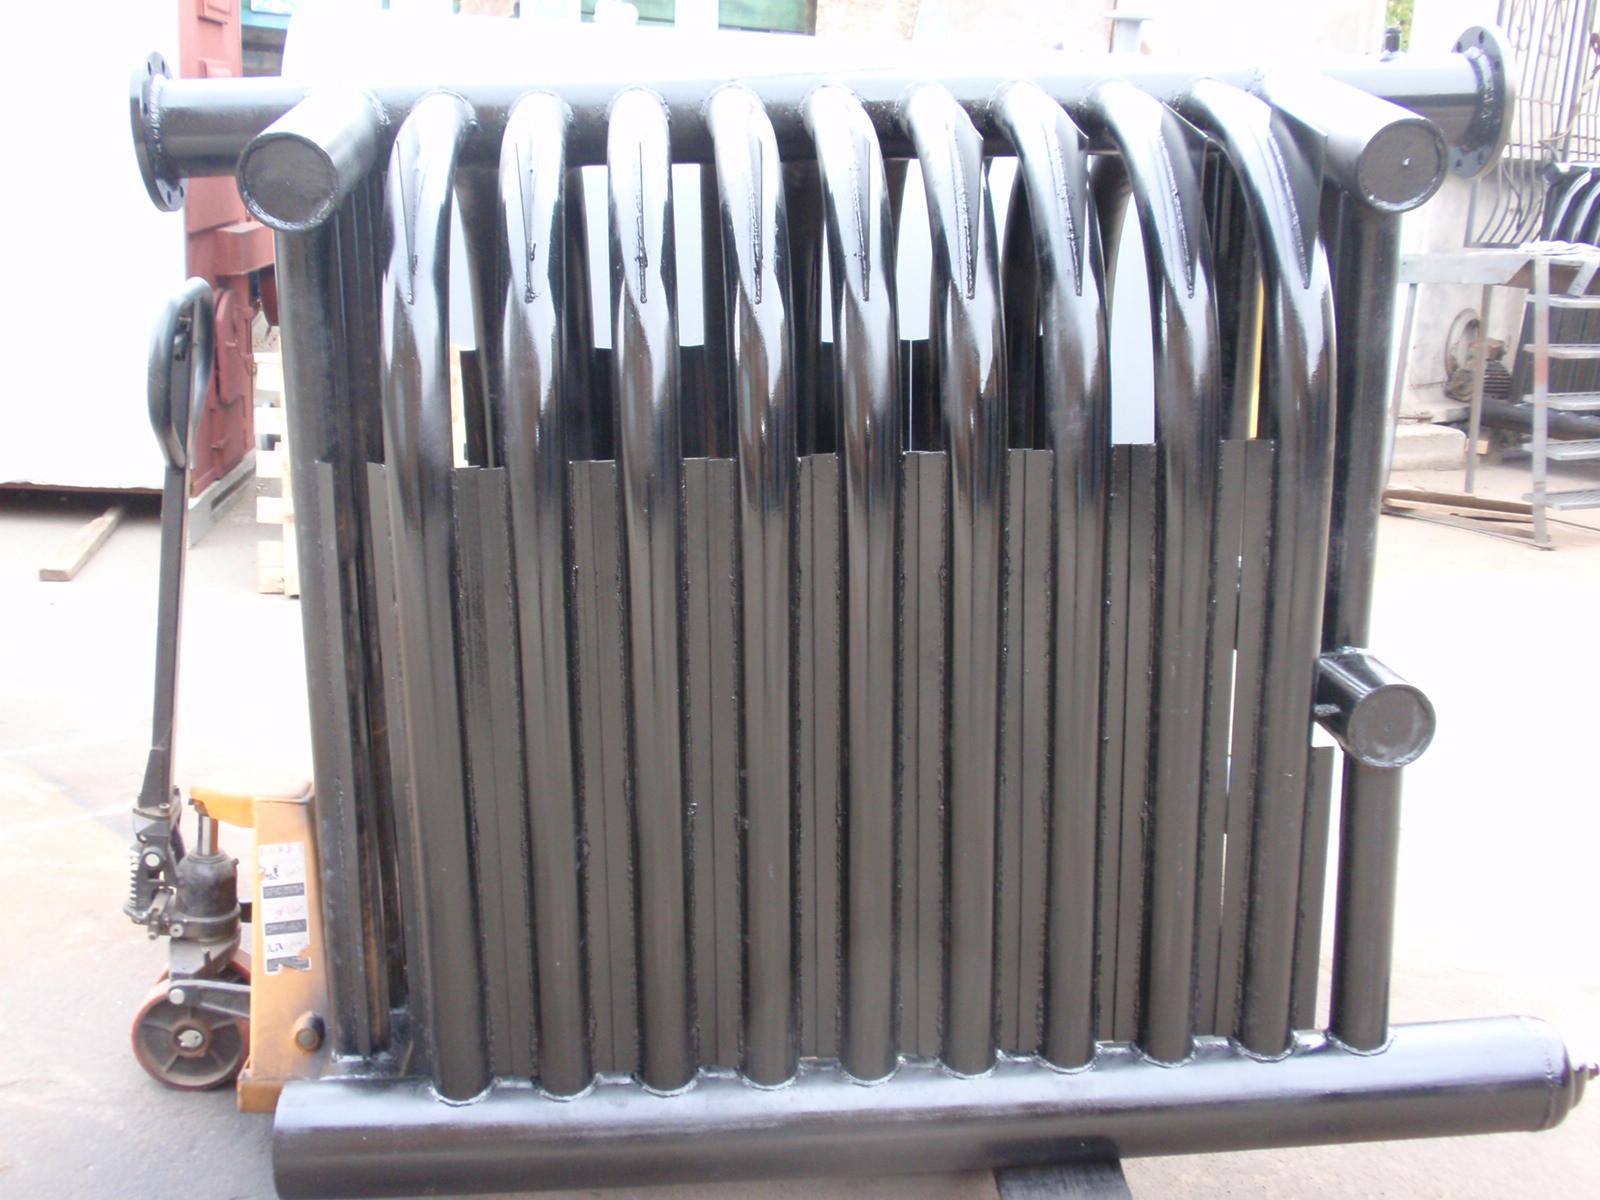 Котел НИИСТУ-5 - надежность и тепло